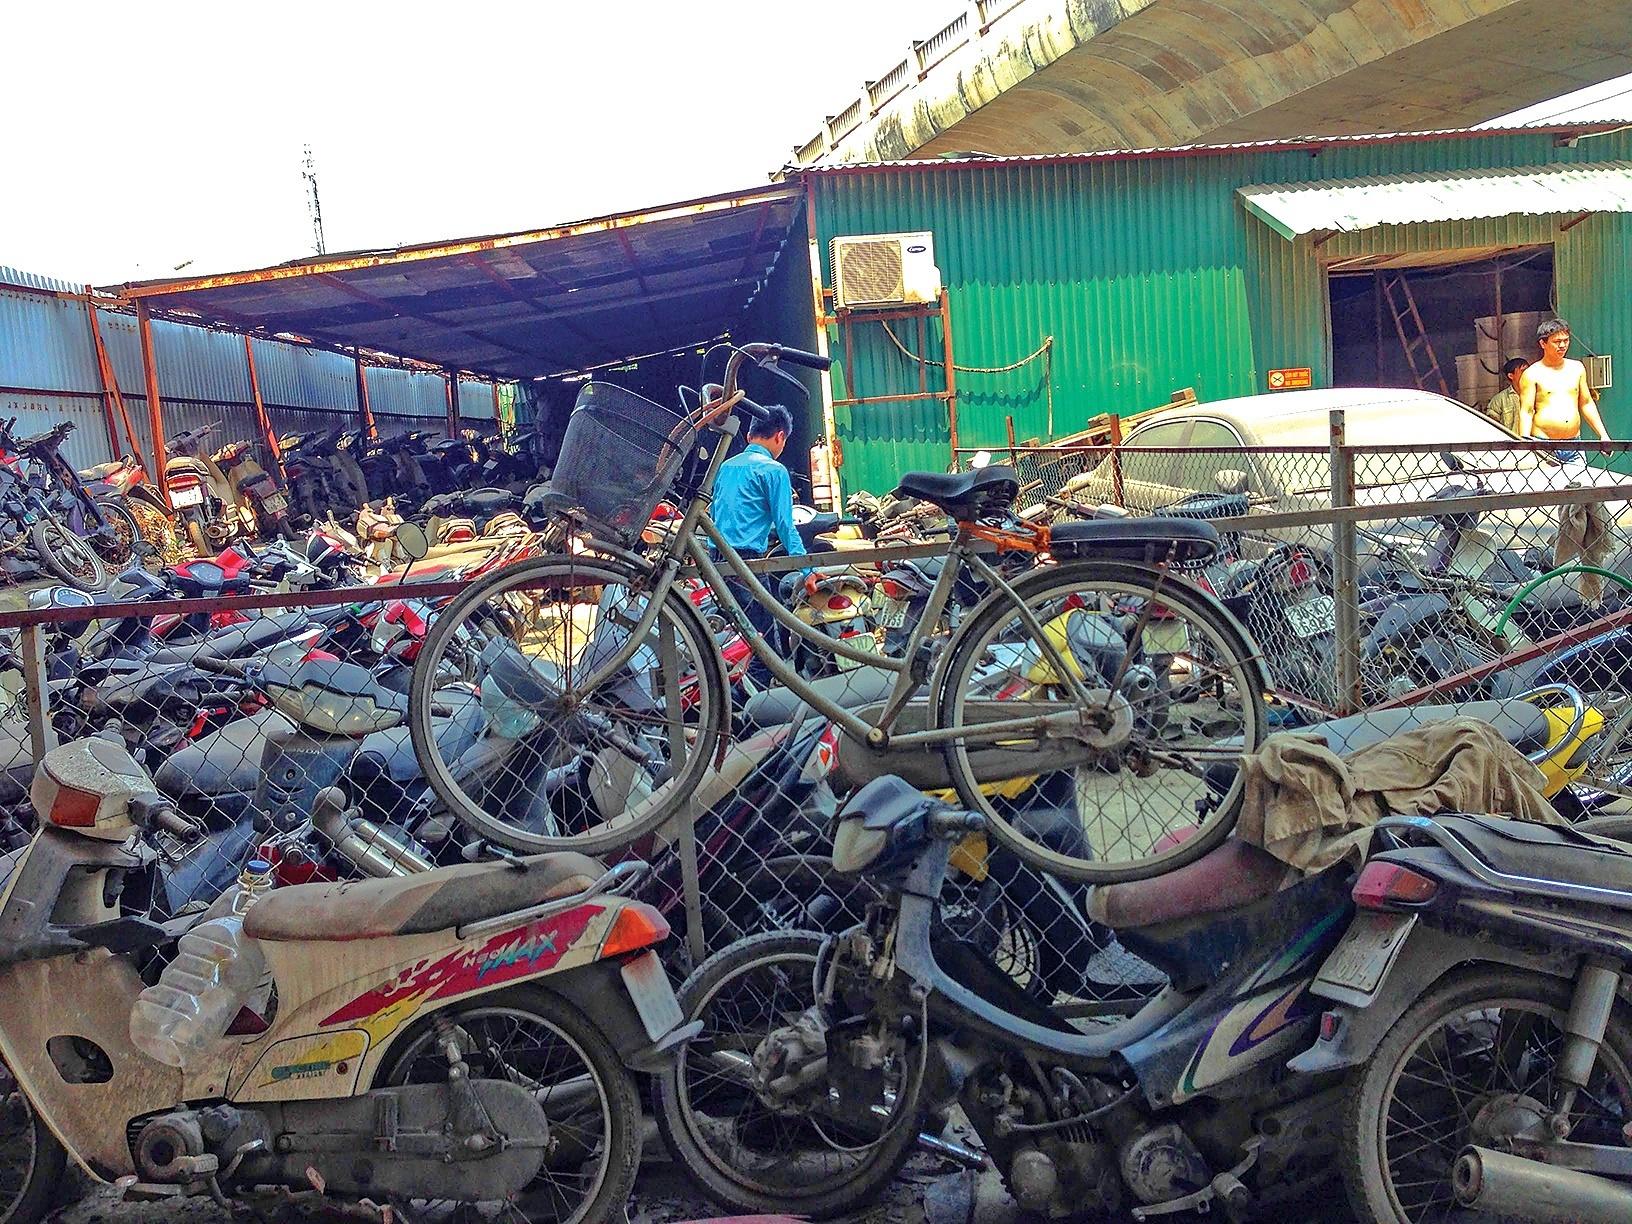 Quy trình xử phạt rườm rà, hơn 37.000 ô tô, xe máy vi phạm thành sắt vụn